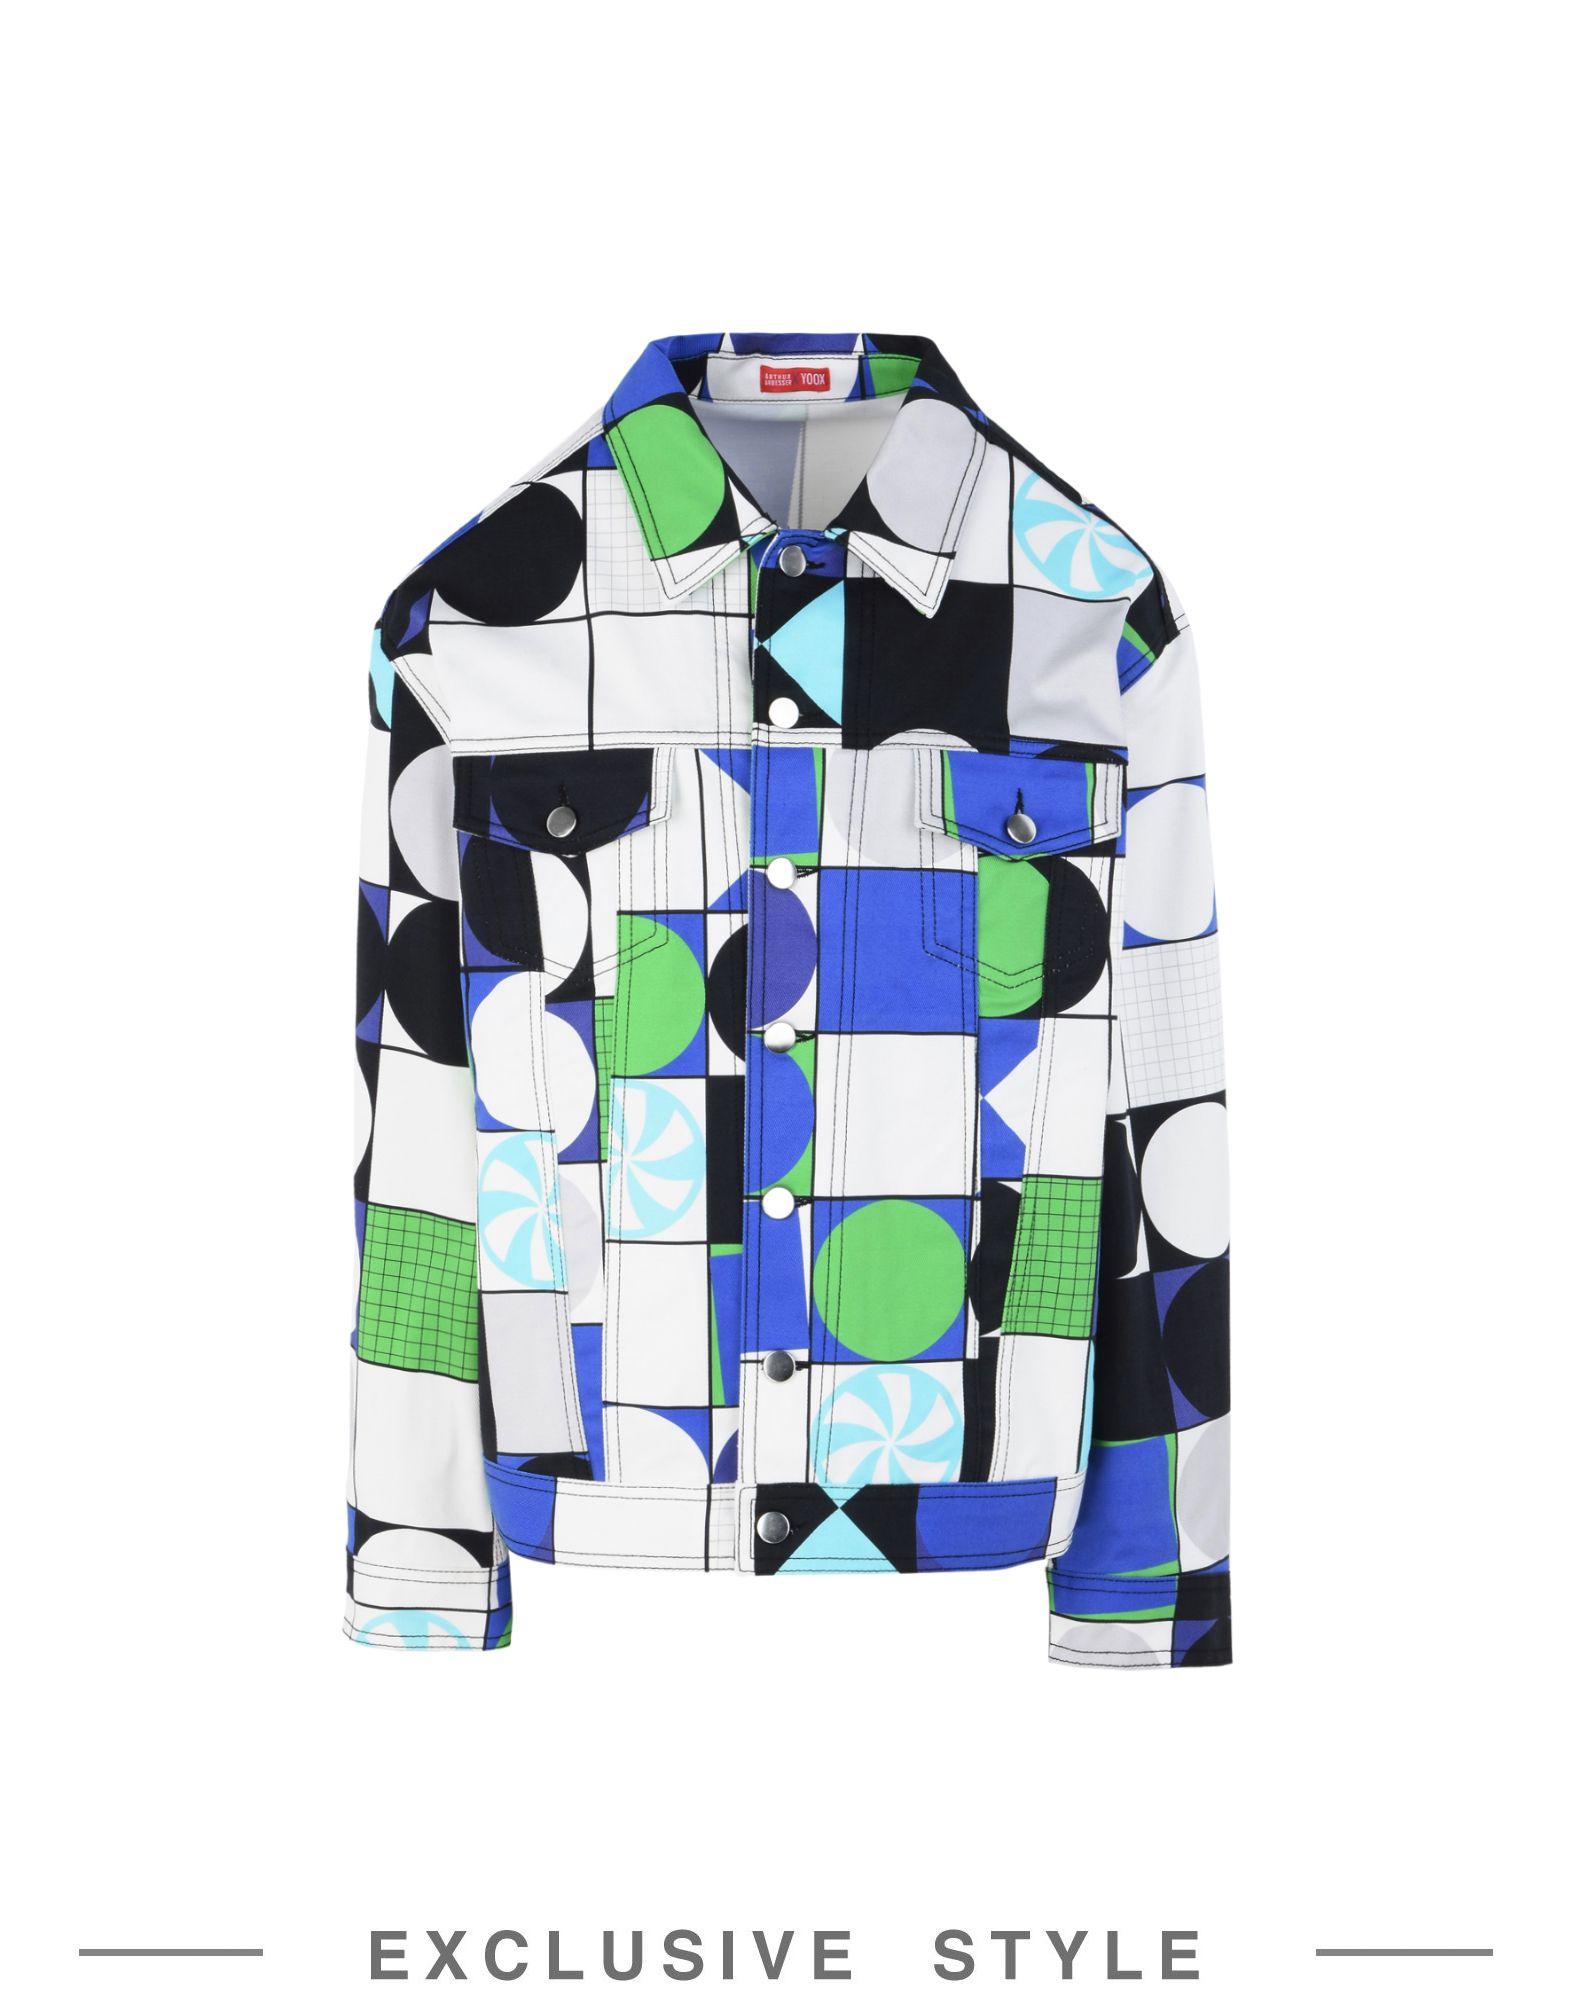 Giubbotto Arthur Arbesser X Yoox Jacket - Uomo - Acquista online su